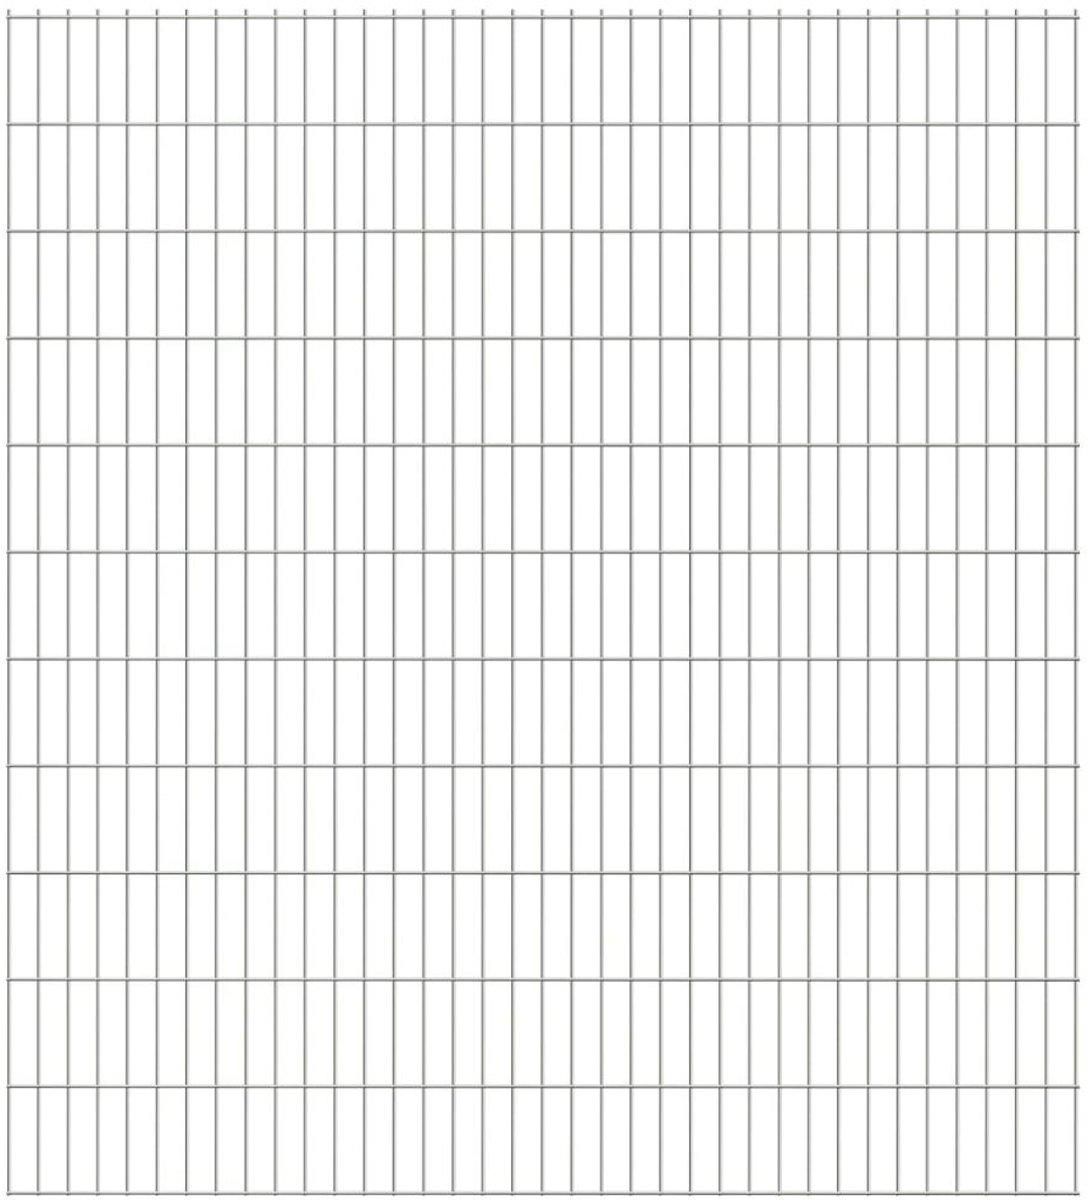 vidaXL Dubbelstaafmatten 2008 x 2230 mm 11 stuks (22 m) zilver kopen